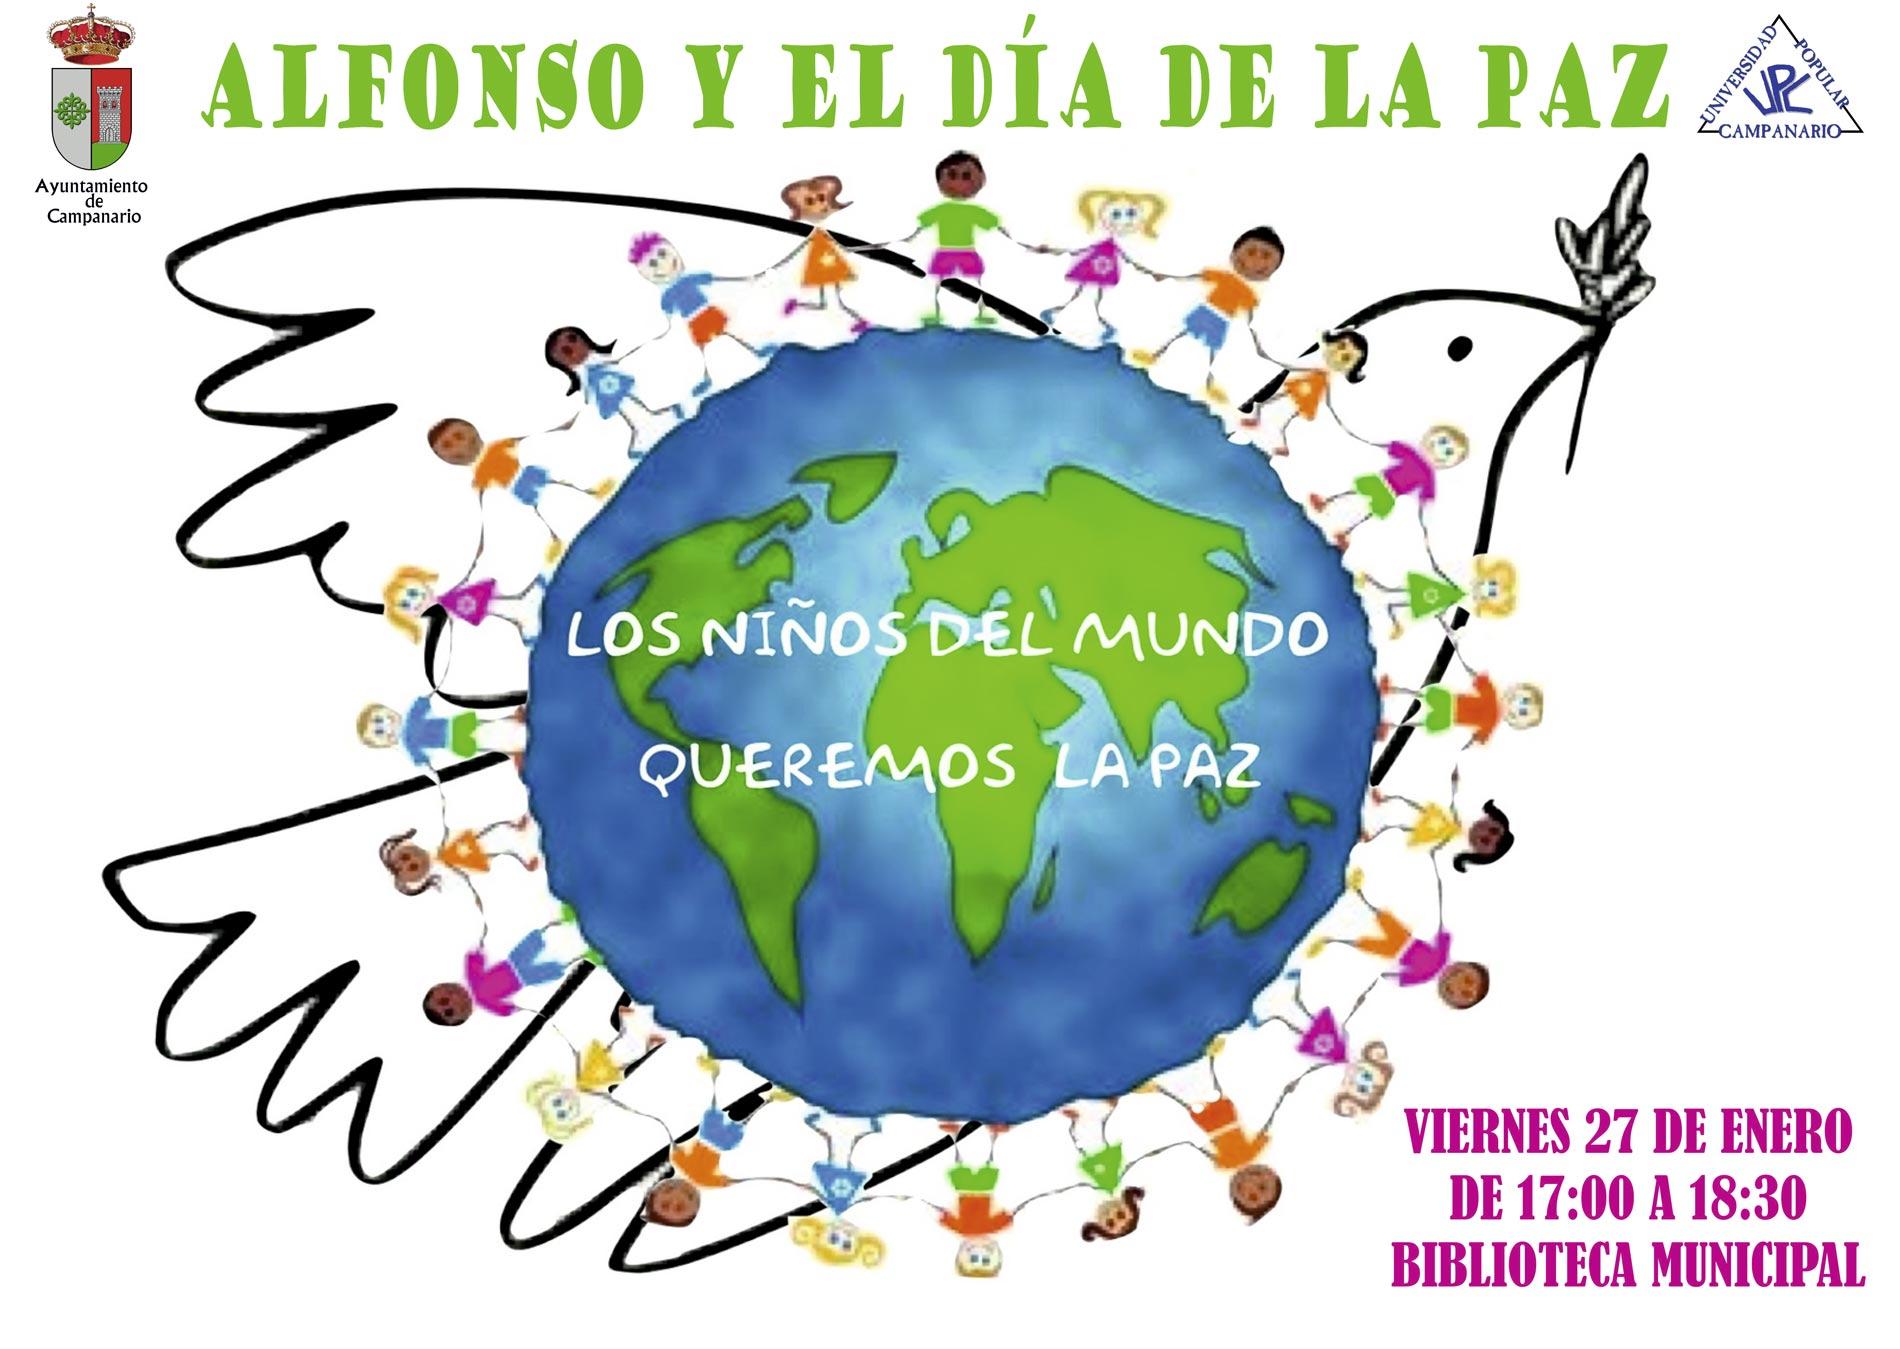 Macaco DÍa De La Paz: Alfonso Y El Día De La Paz